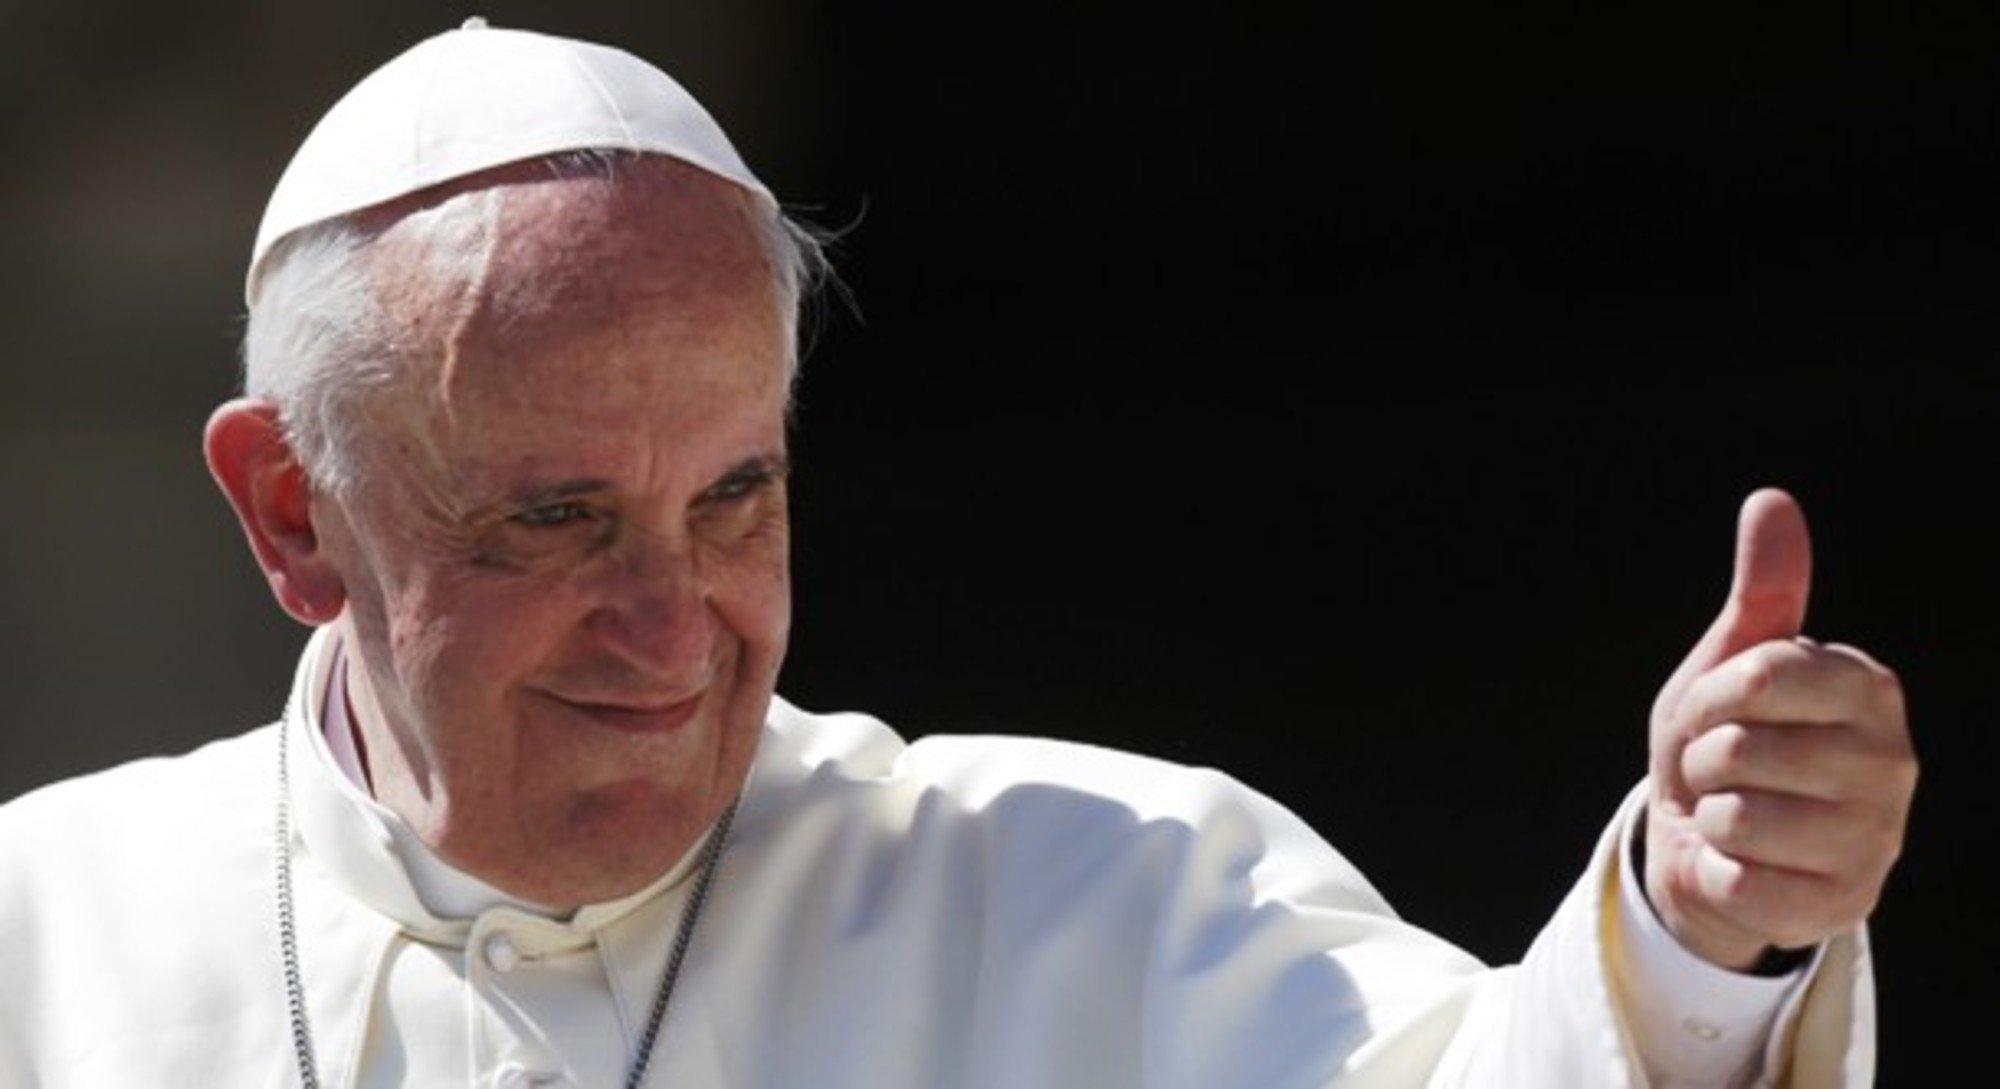 Папа Римский получил вподарок отастронавтов комбинезон для полётов вкосмос